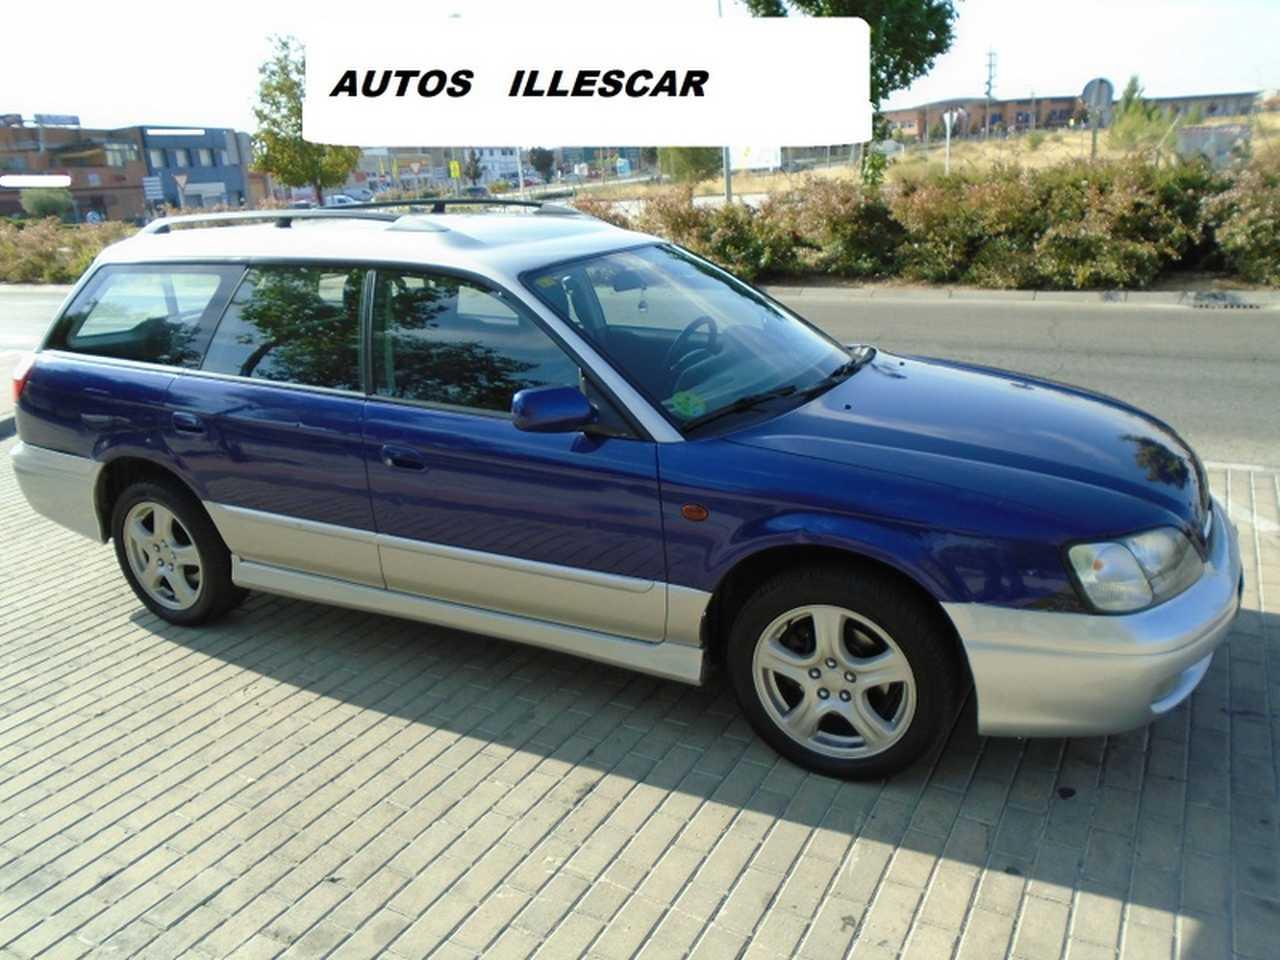 Subaru Legacy 2.5 I 160 CV DISTRIBUCIÓN CAMBIADA   - Foto 1